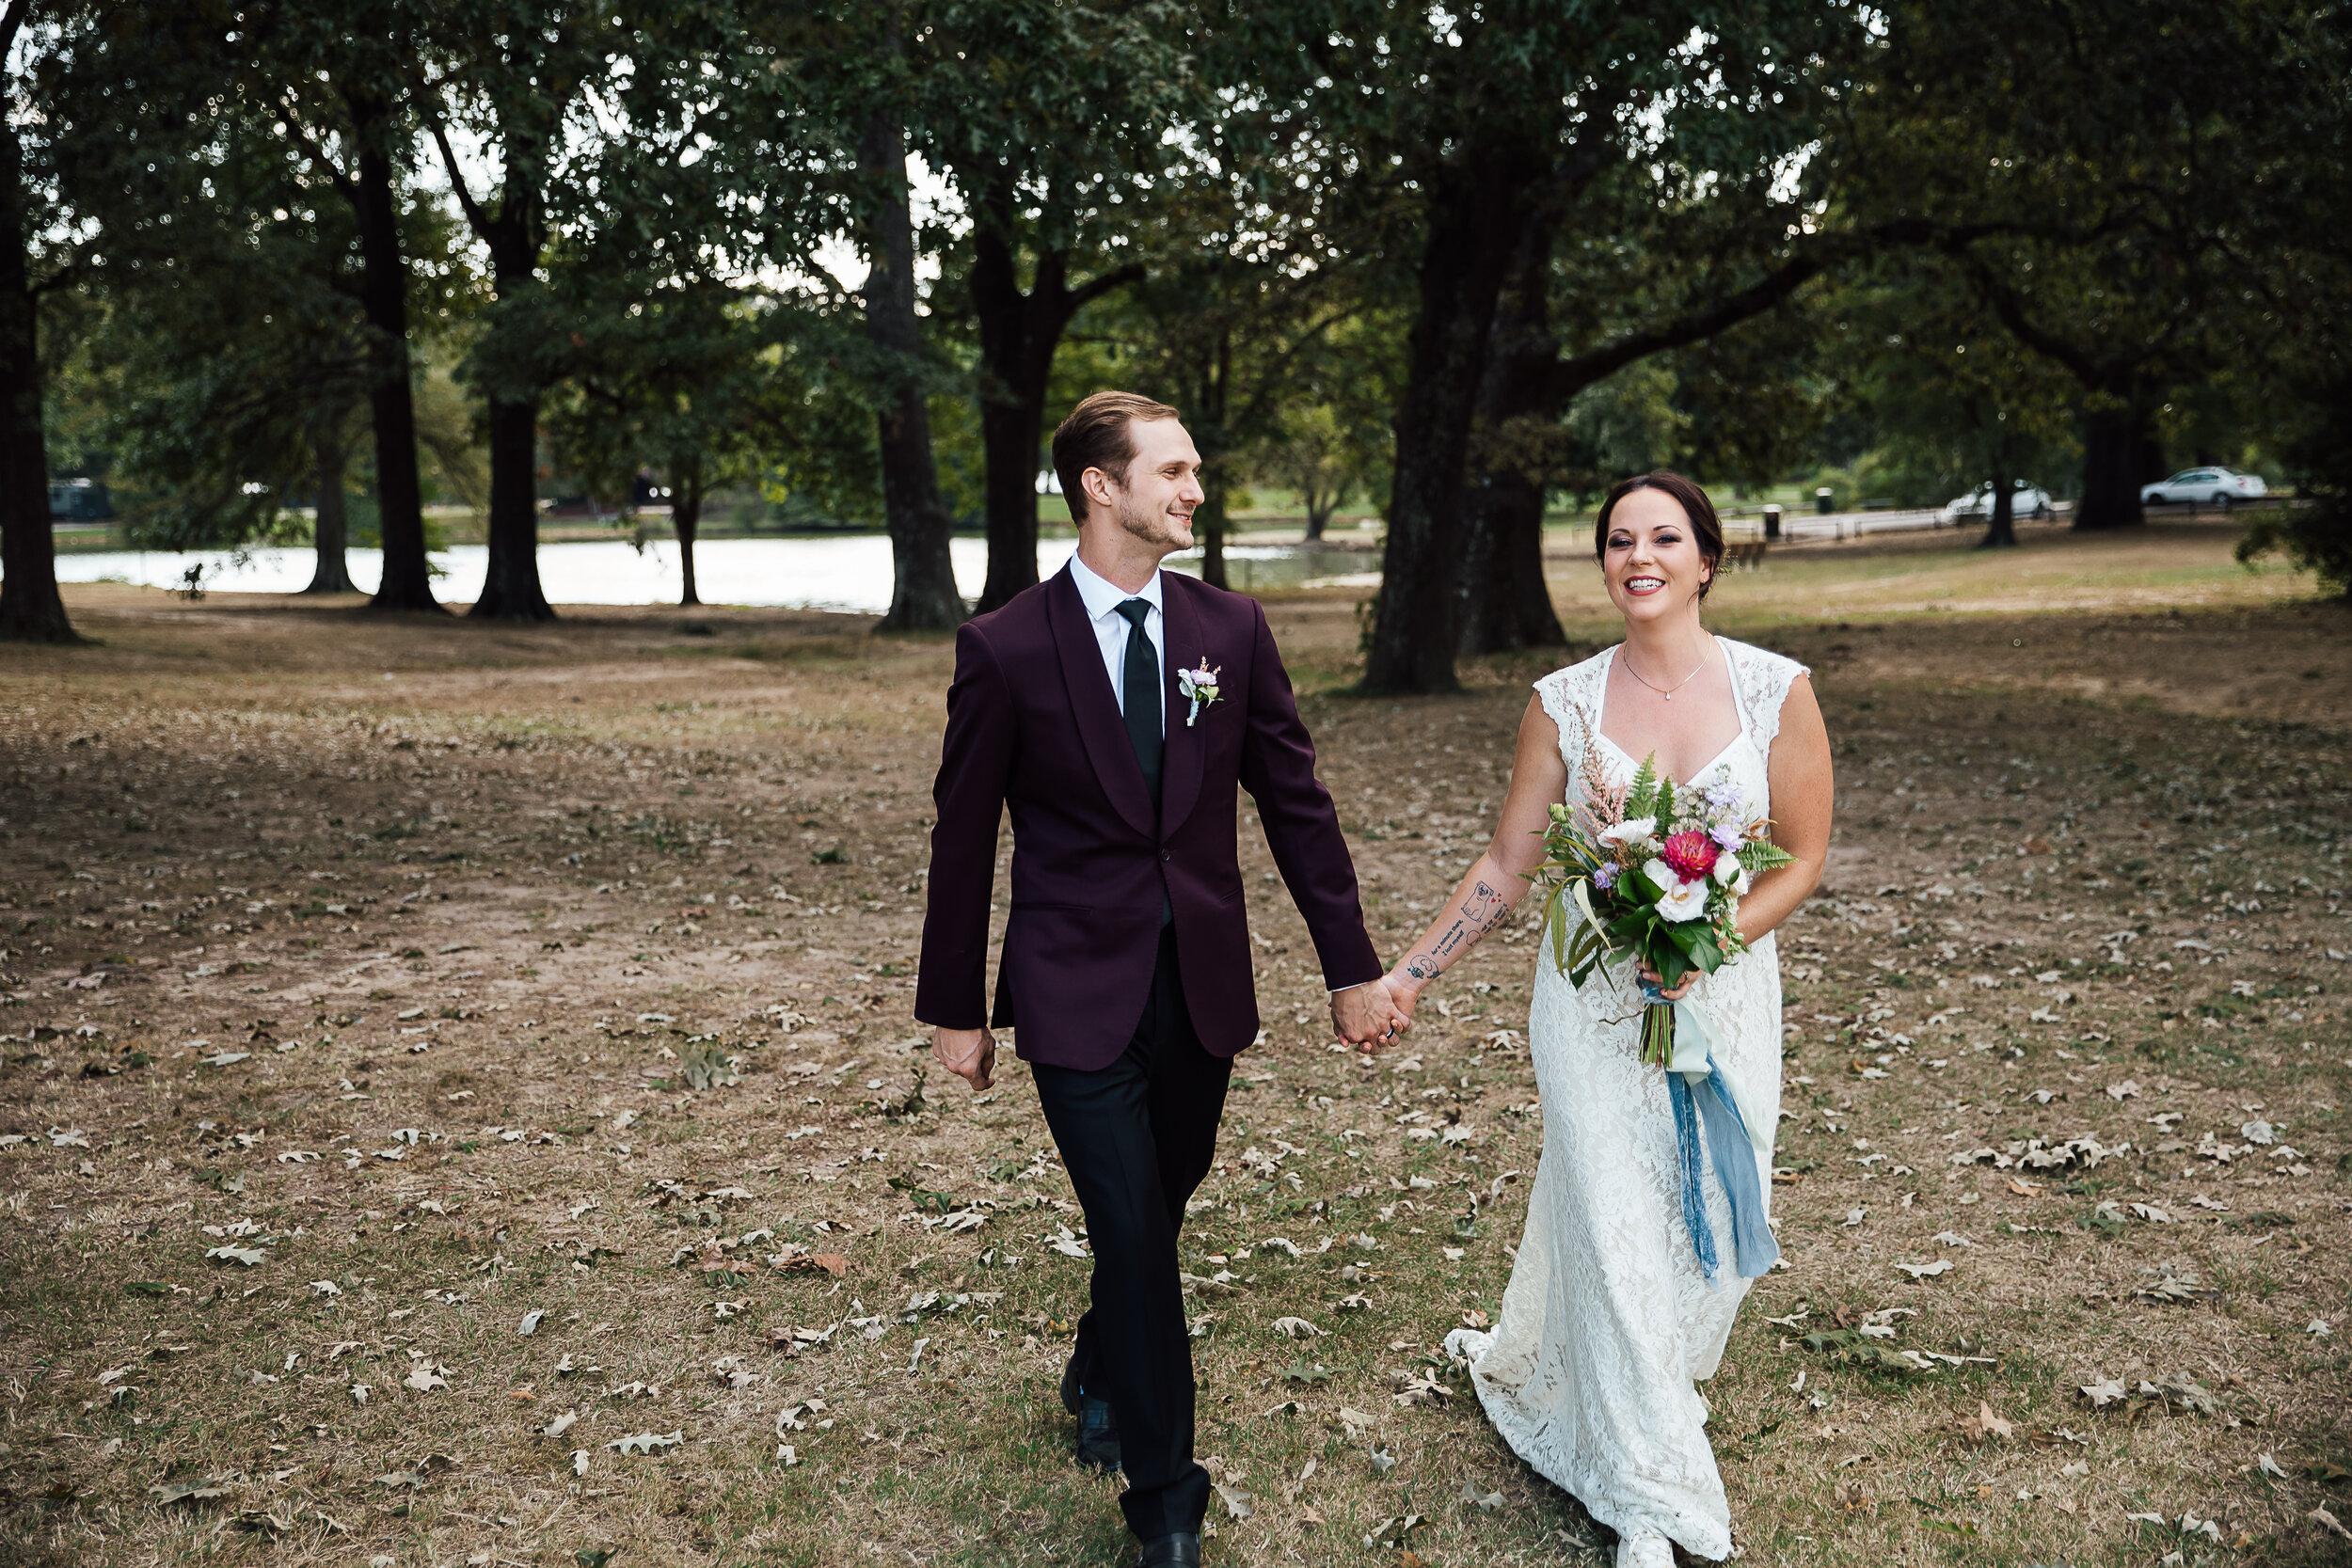 Allison-and-Wesley-Memphis-Backyard-Wedding-TheWarmthAroundYou-138.jpg